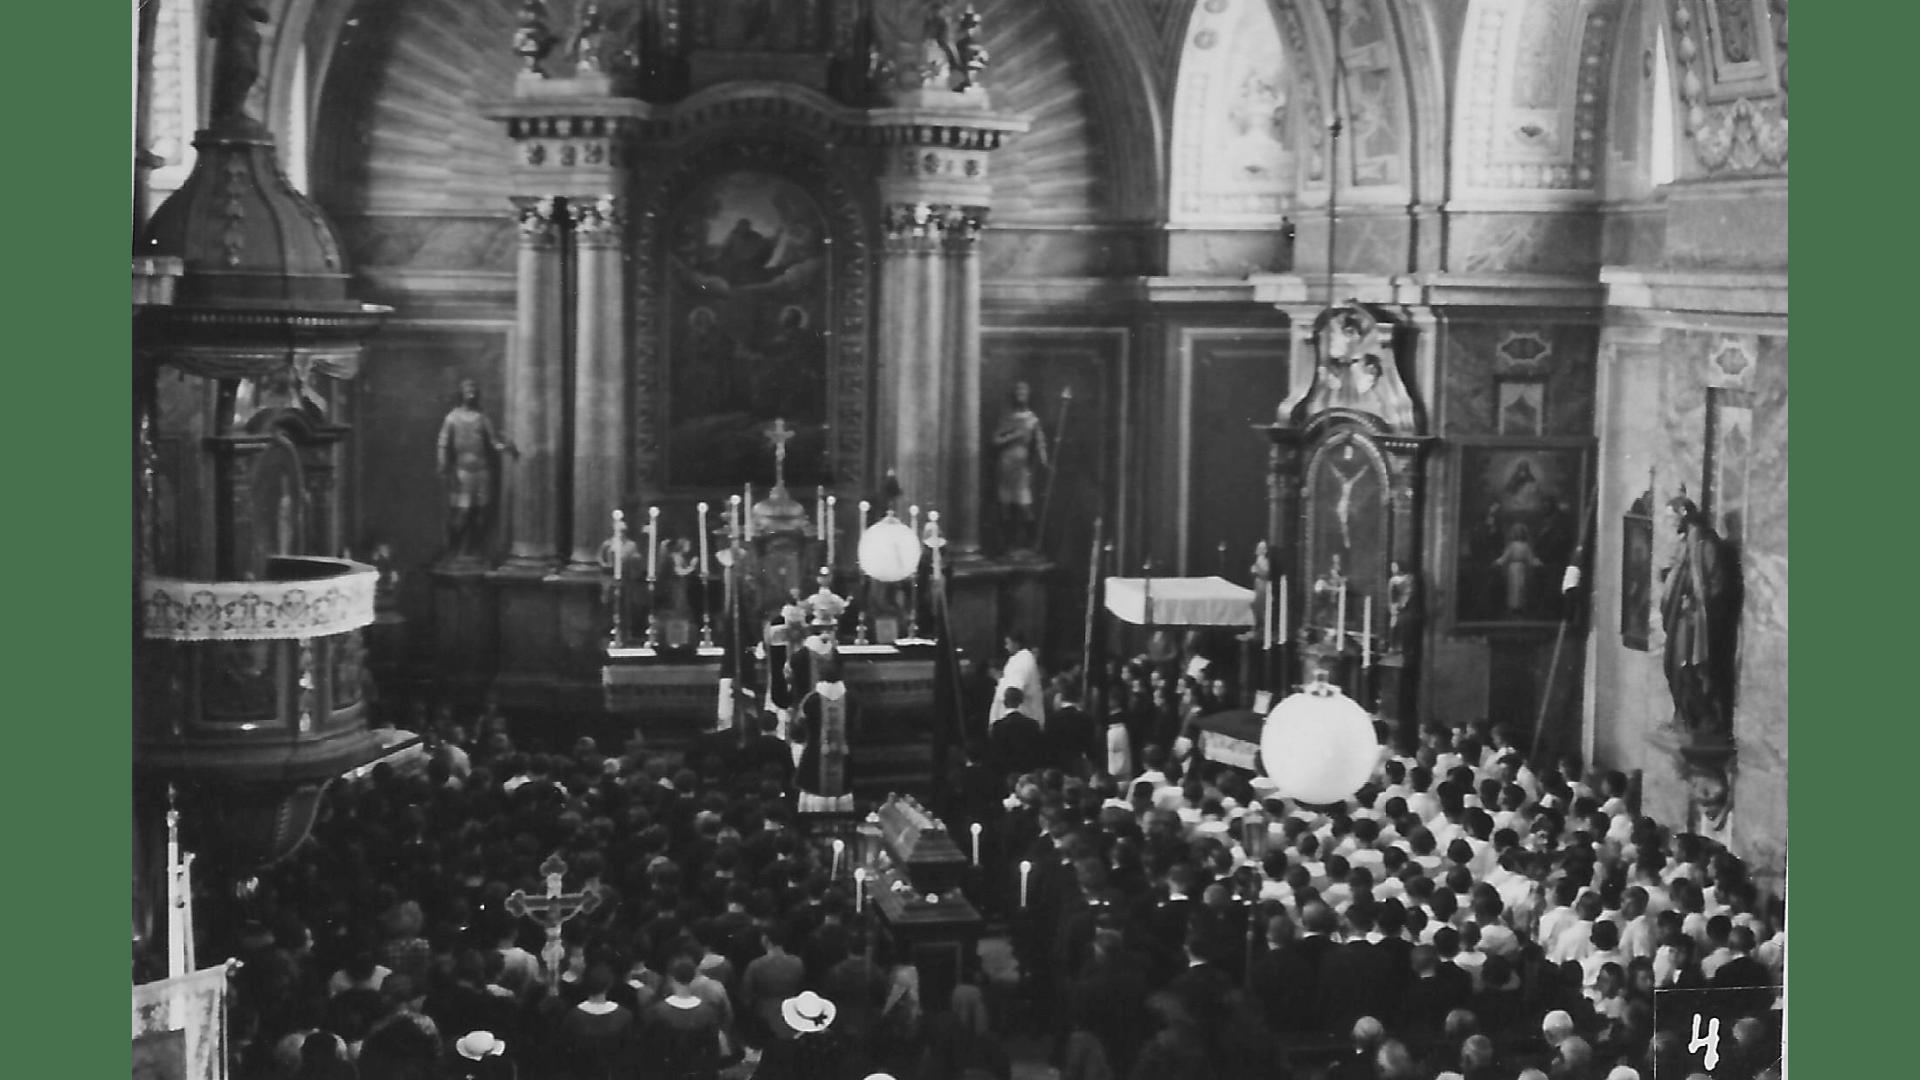 Innenaufnahme der Kirche –Seelenamt für die Verstorbenen.